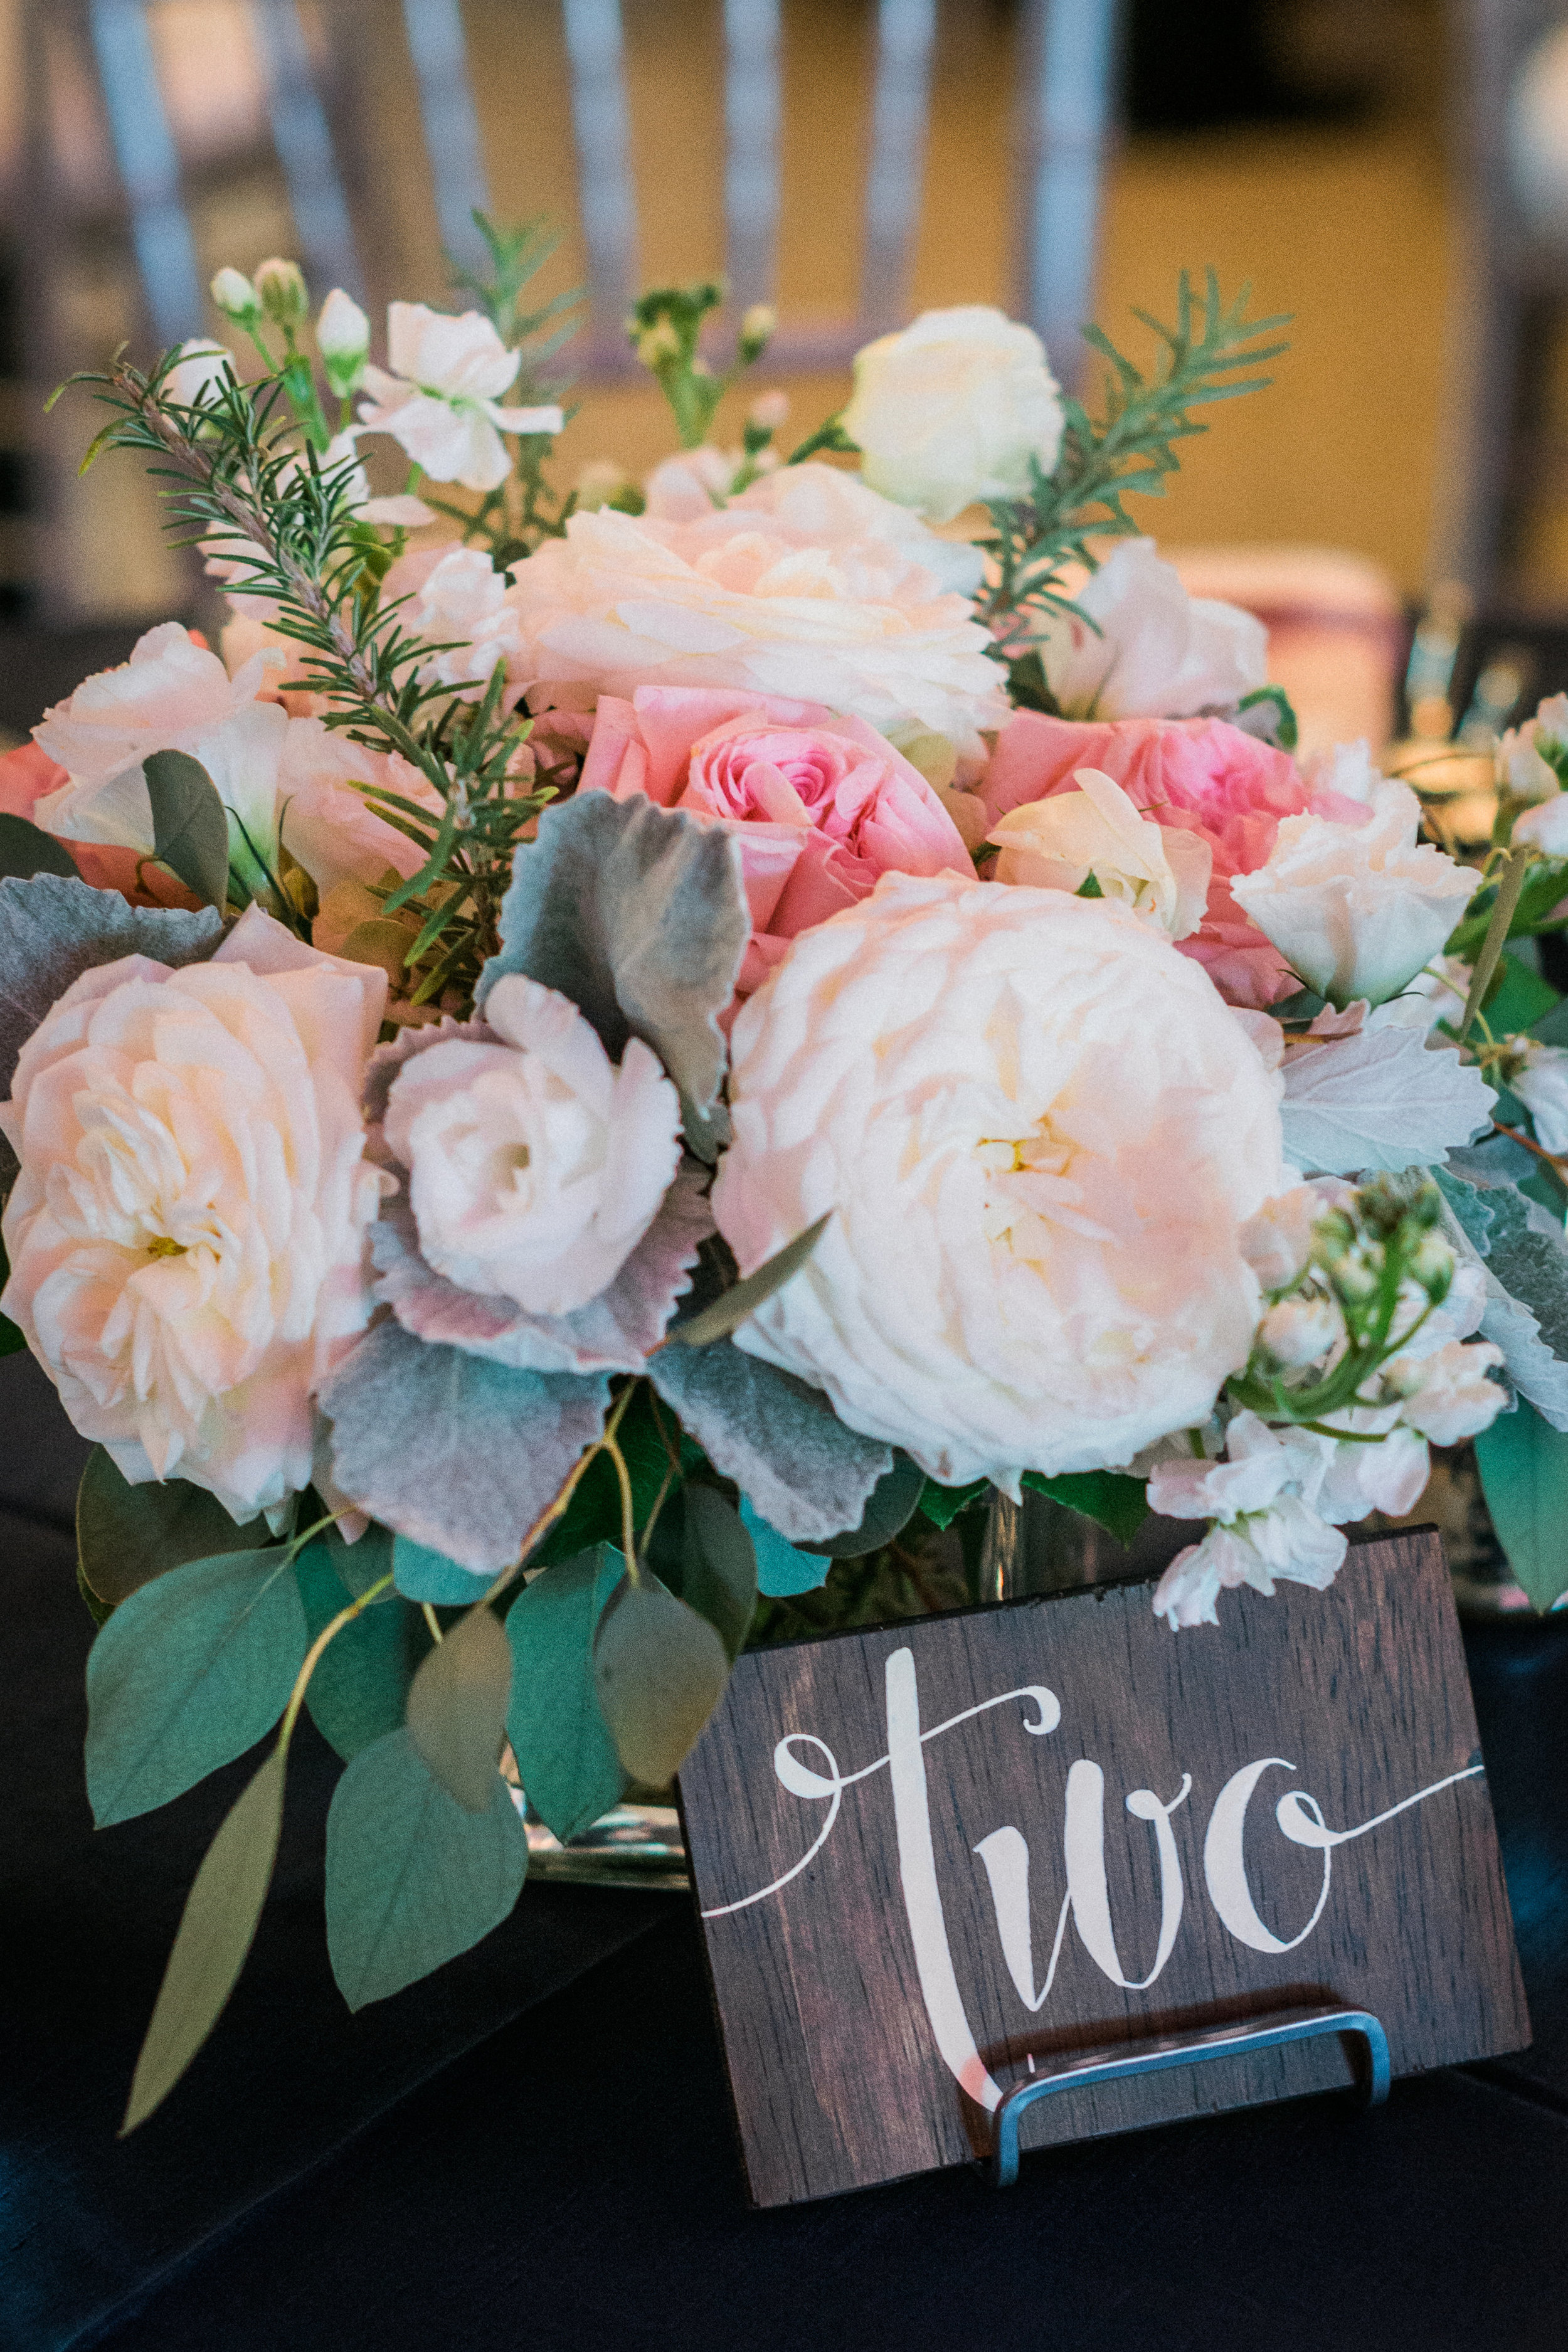 winsor event studio wedding centerpiece blush pink garden